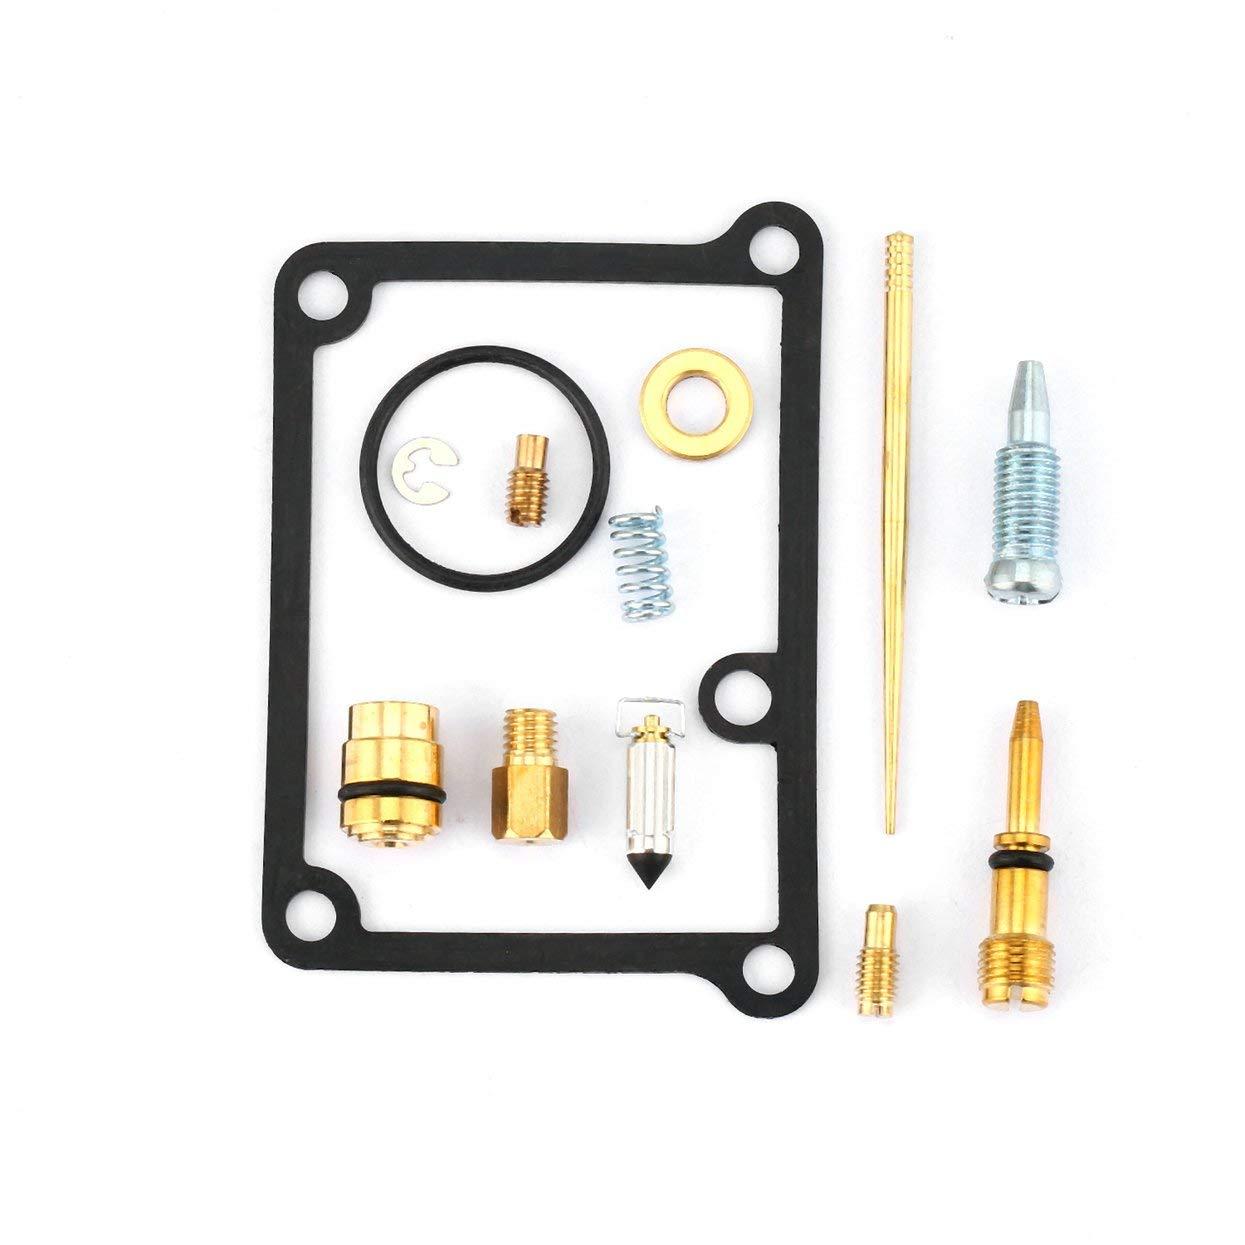 Amazon.es: Kit de reconstrucción de carburadores Kit de reparación de carburadores Accesorios de carburo para Yamaha Banshee YFZ350 YFZ 350 Juego de ...